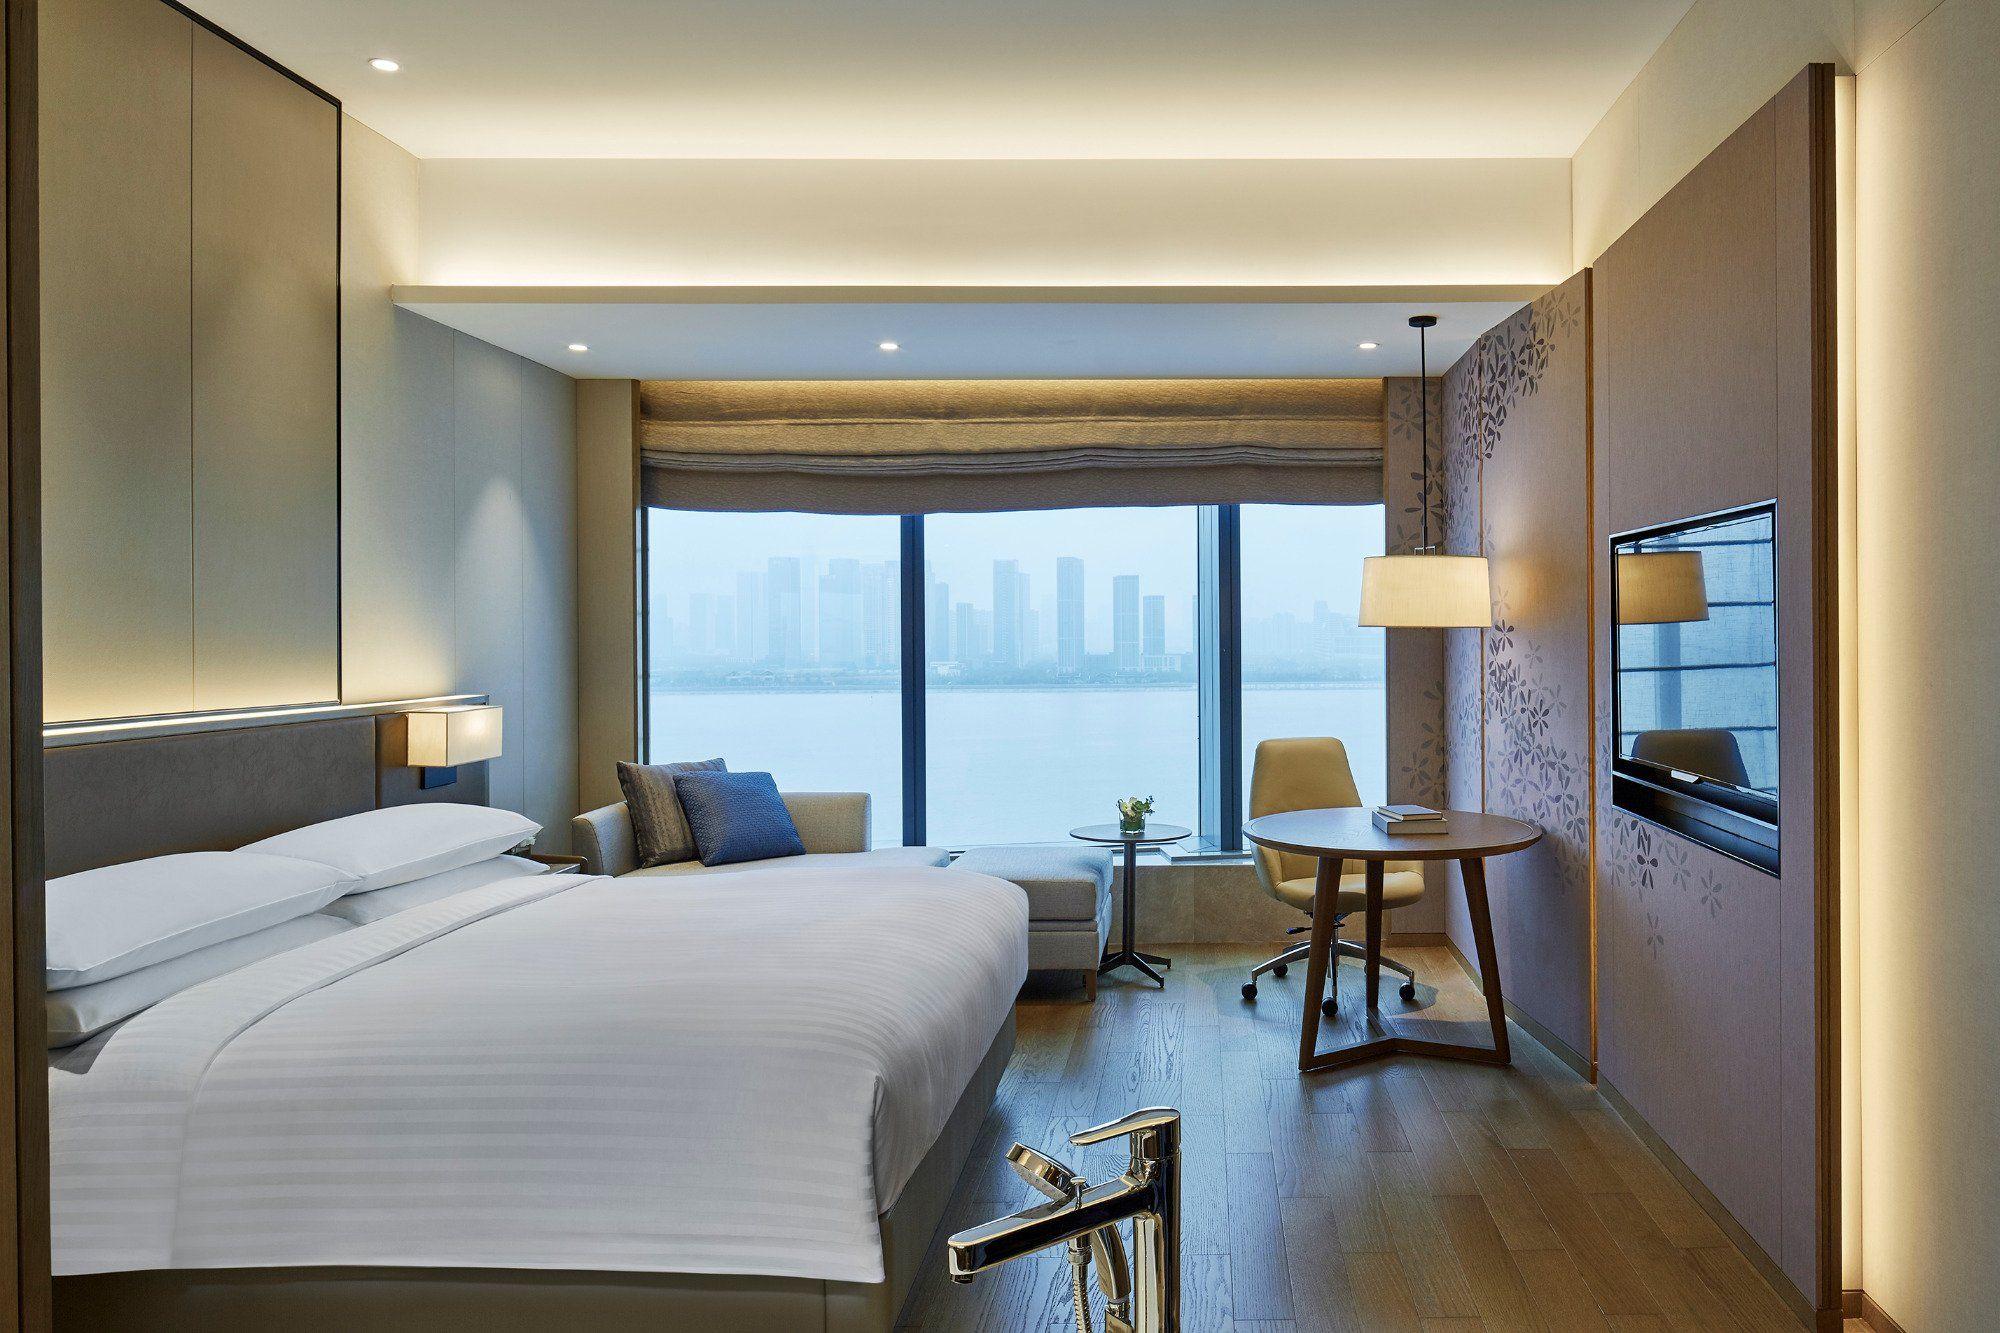 hangzhou marriott hotel qianjiang updated 2018 reviews